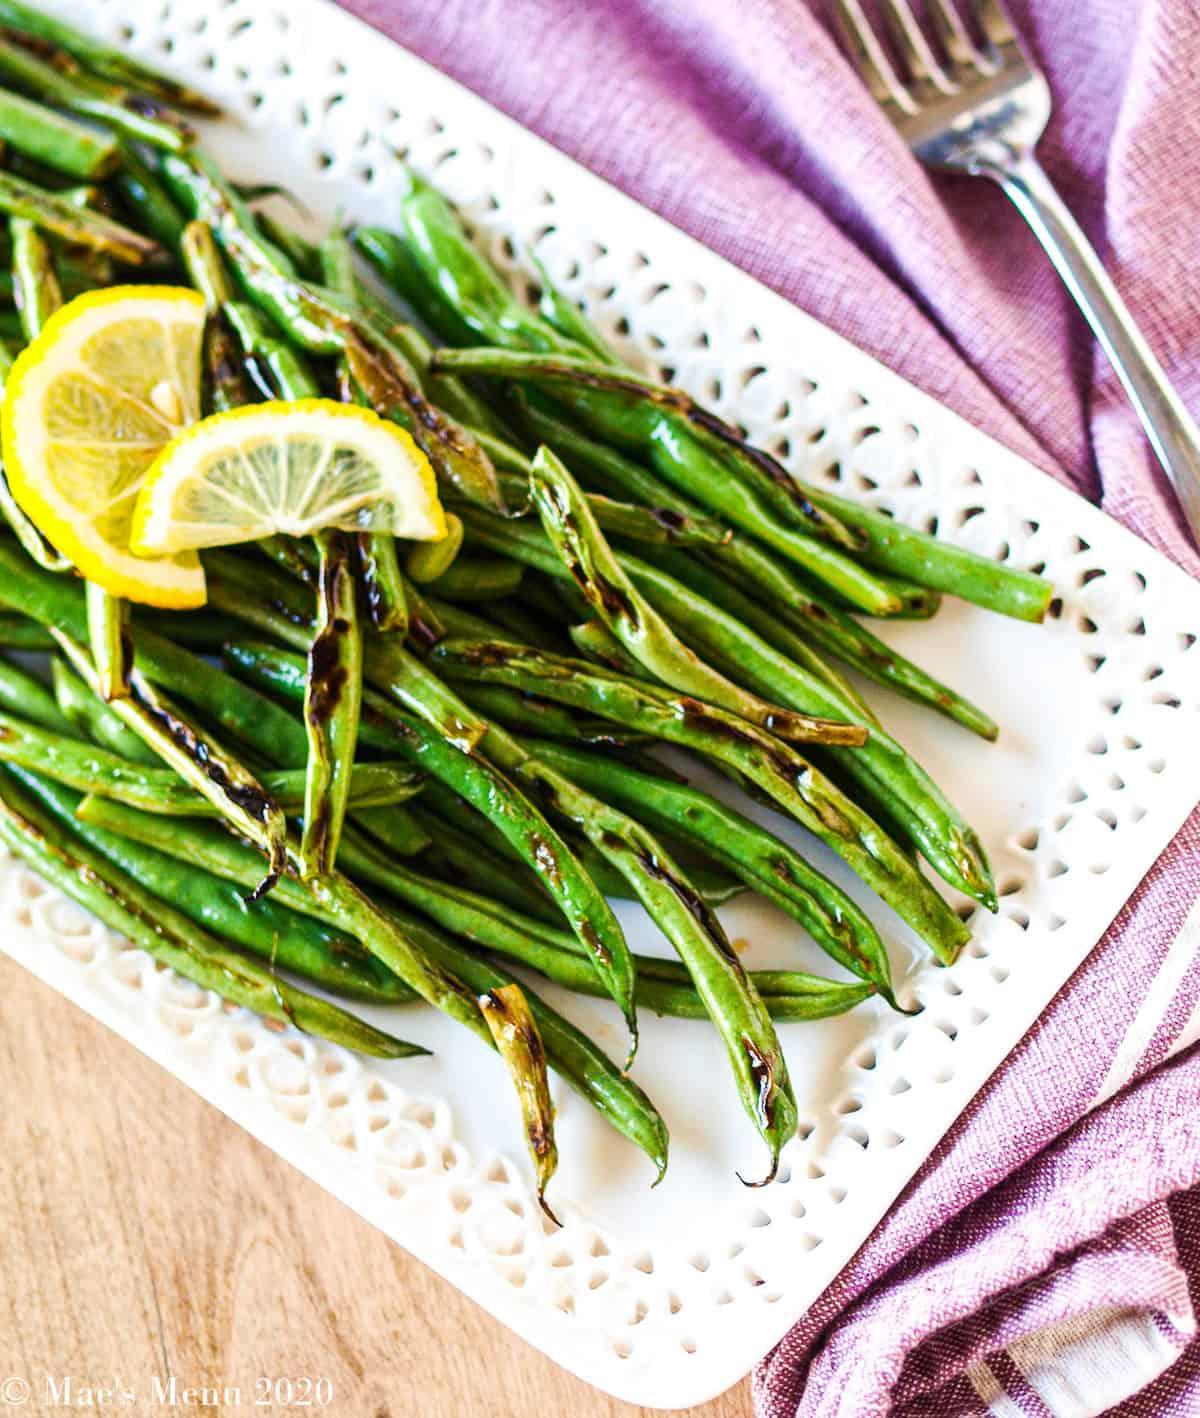 An overhead shot of a white platter full of blistered green beans